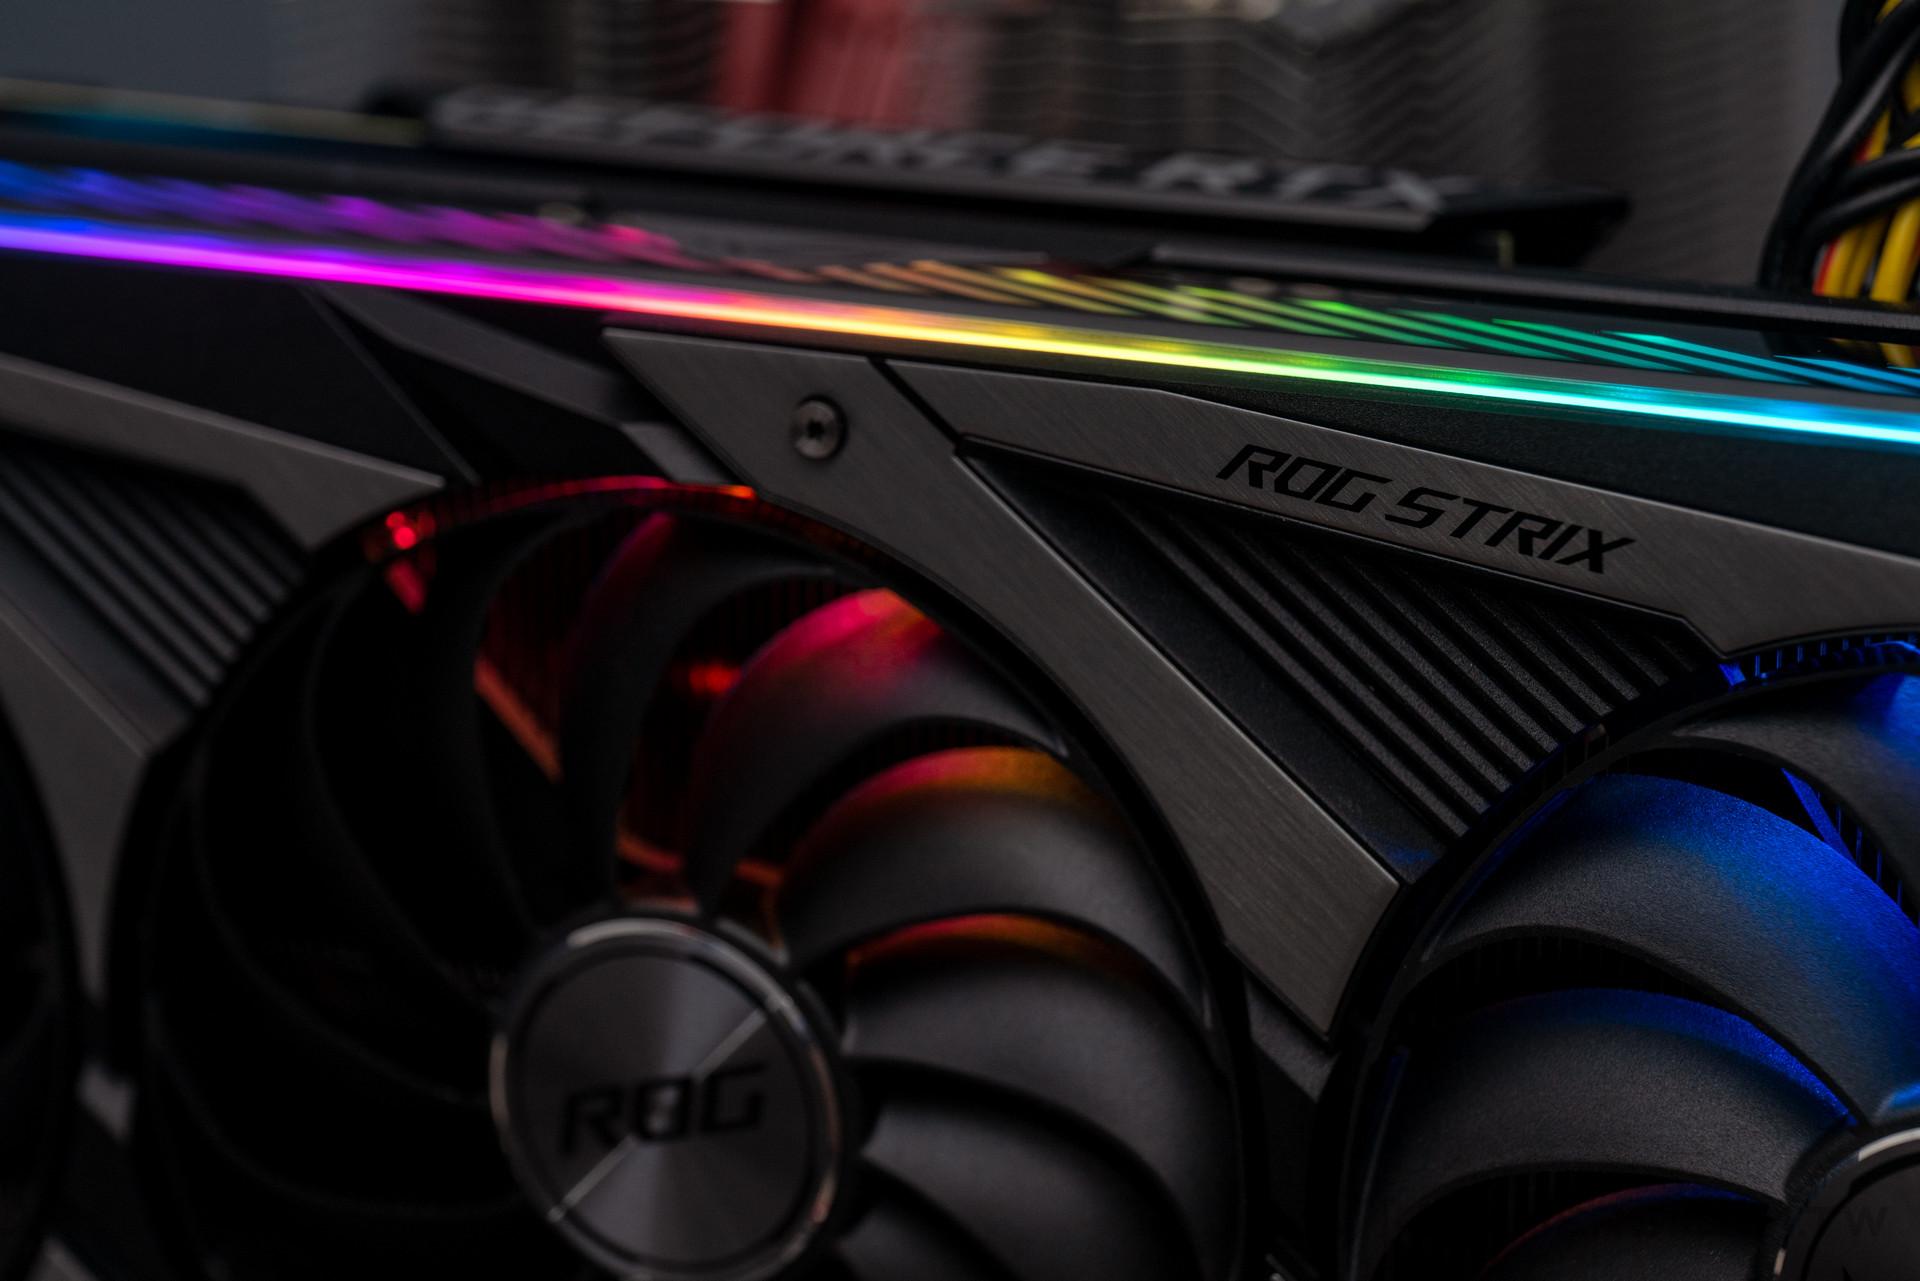 華碩ROG Strix GeForce RTX 3070 O8G動手玩:外觀爽度滿點的巨無霸顯卡| 4Gamers